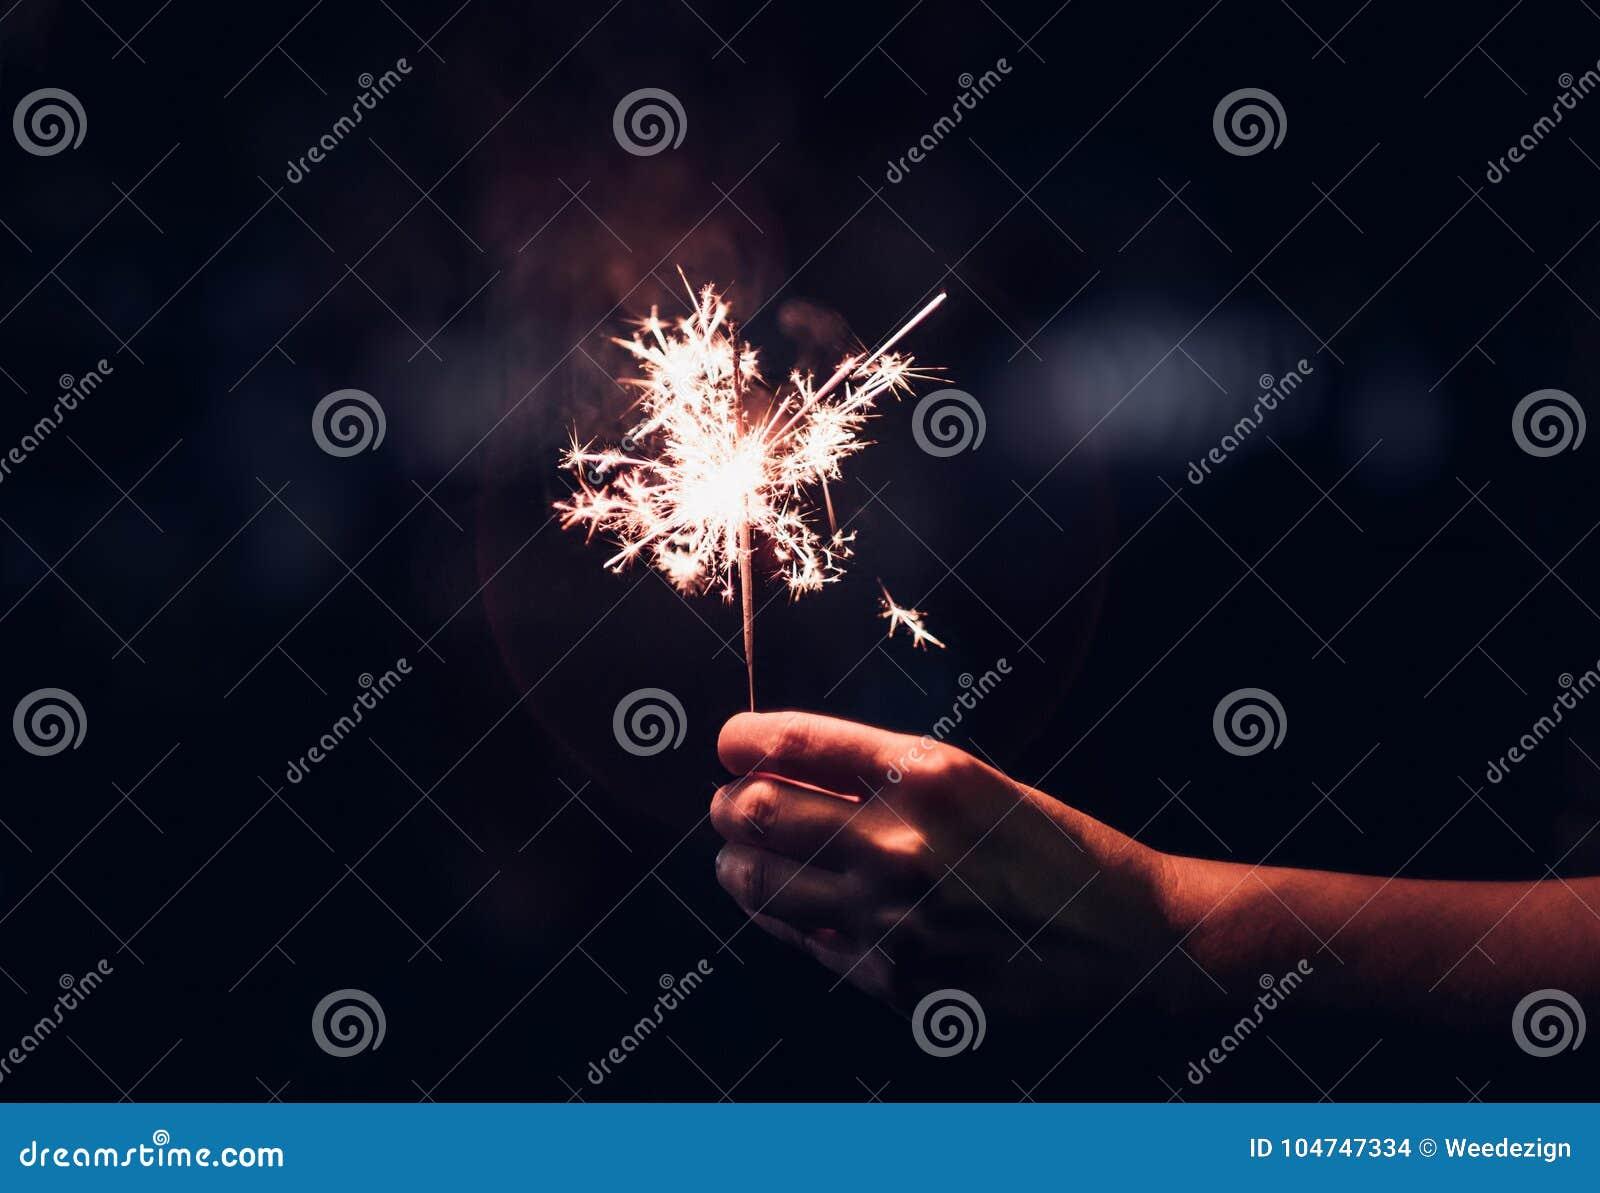 Hand holding burning Sparkler blast on a black background at nig